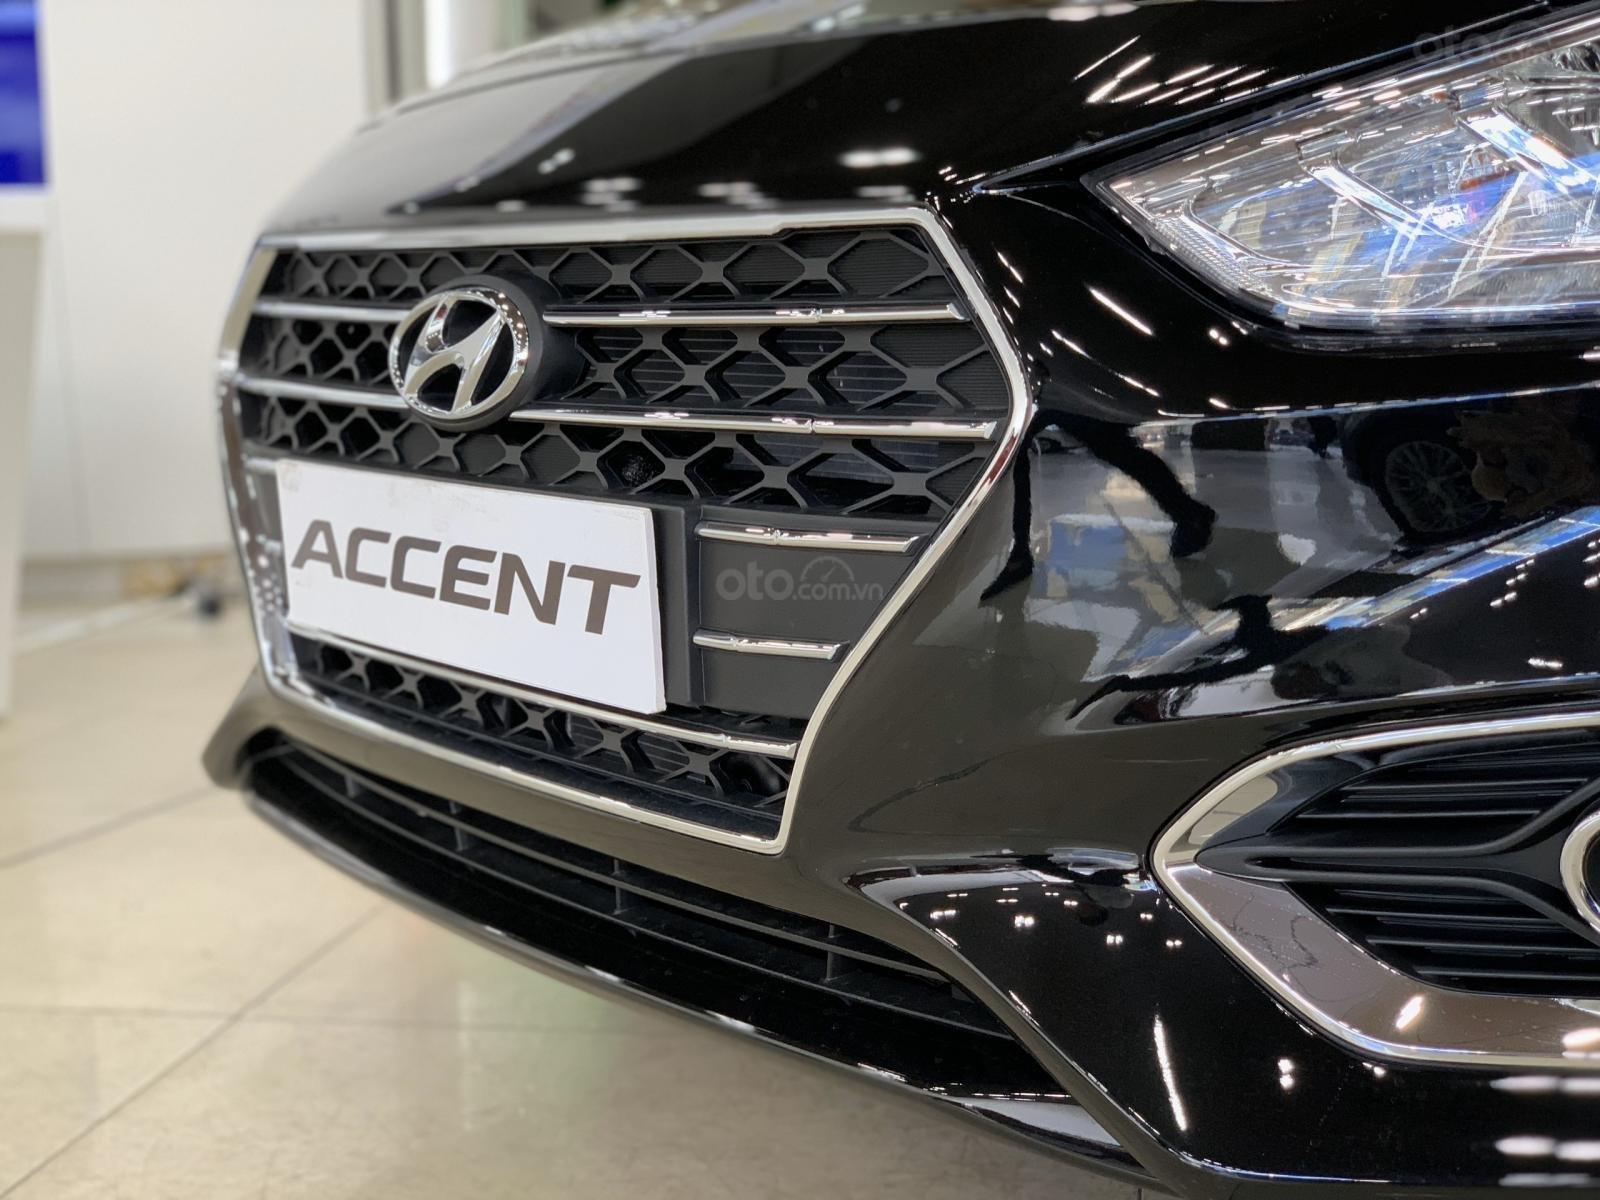 Hyundai Accent giá cực tốt dành cho tháng ngâu, nhanh tay đừng bỏ lỡ (2)